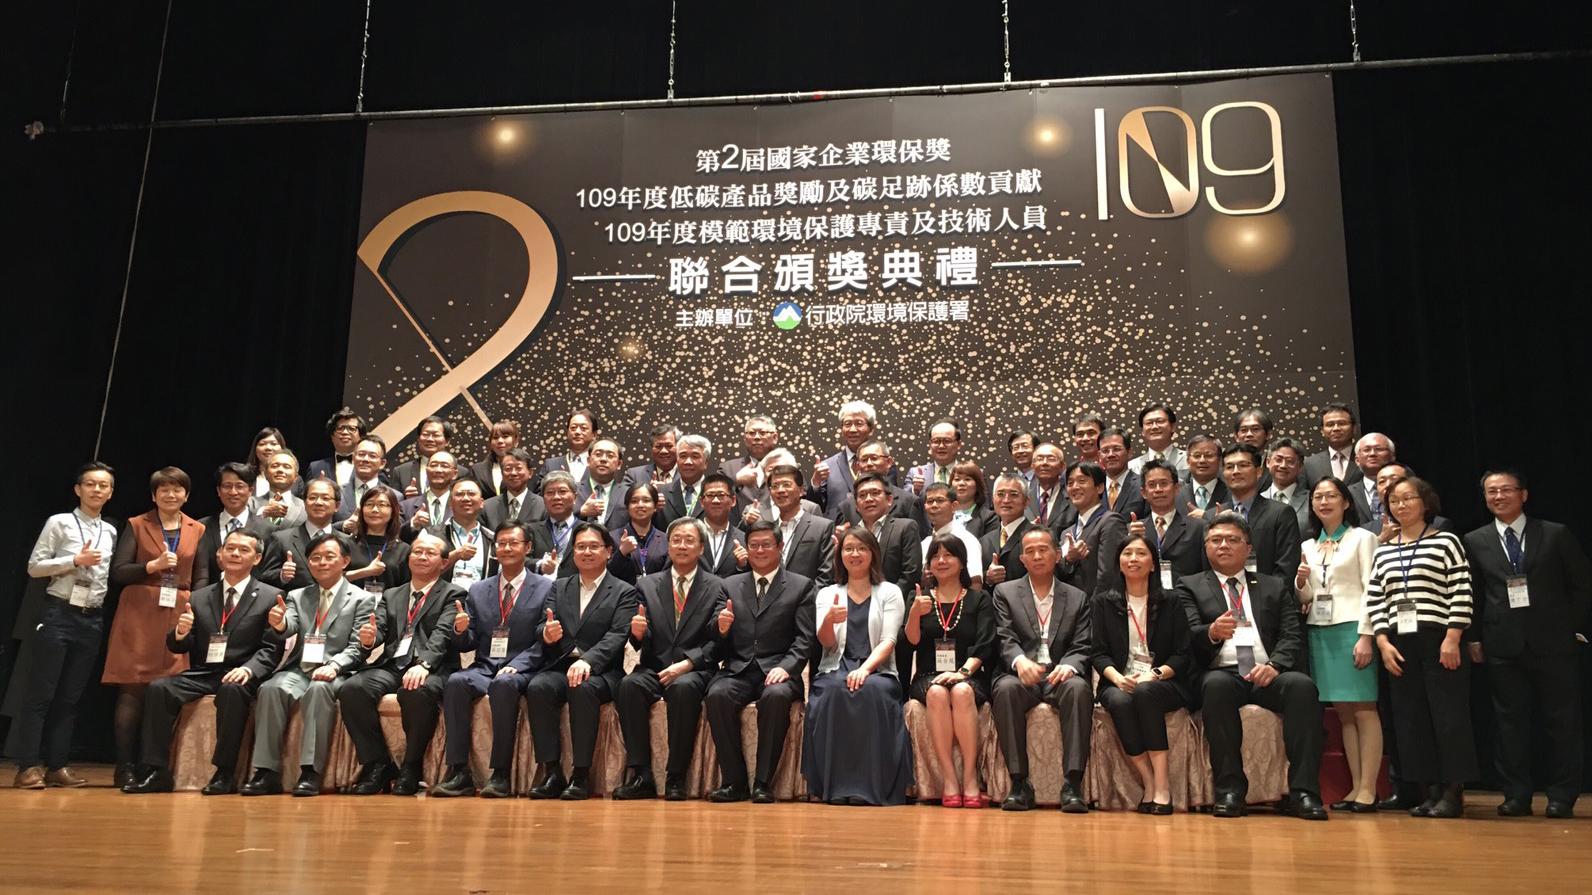 ▲ 中華汽車榮獲第二屆國家企業環保獎肯定